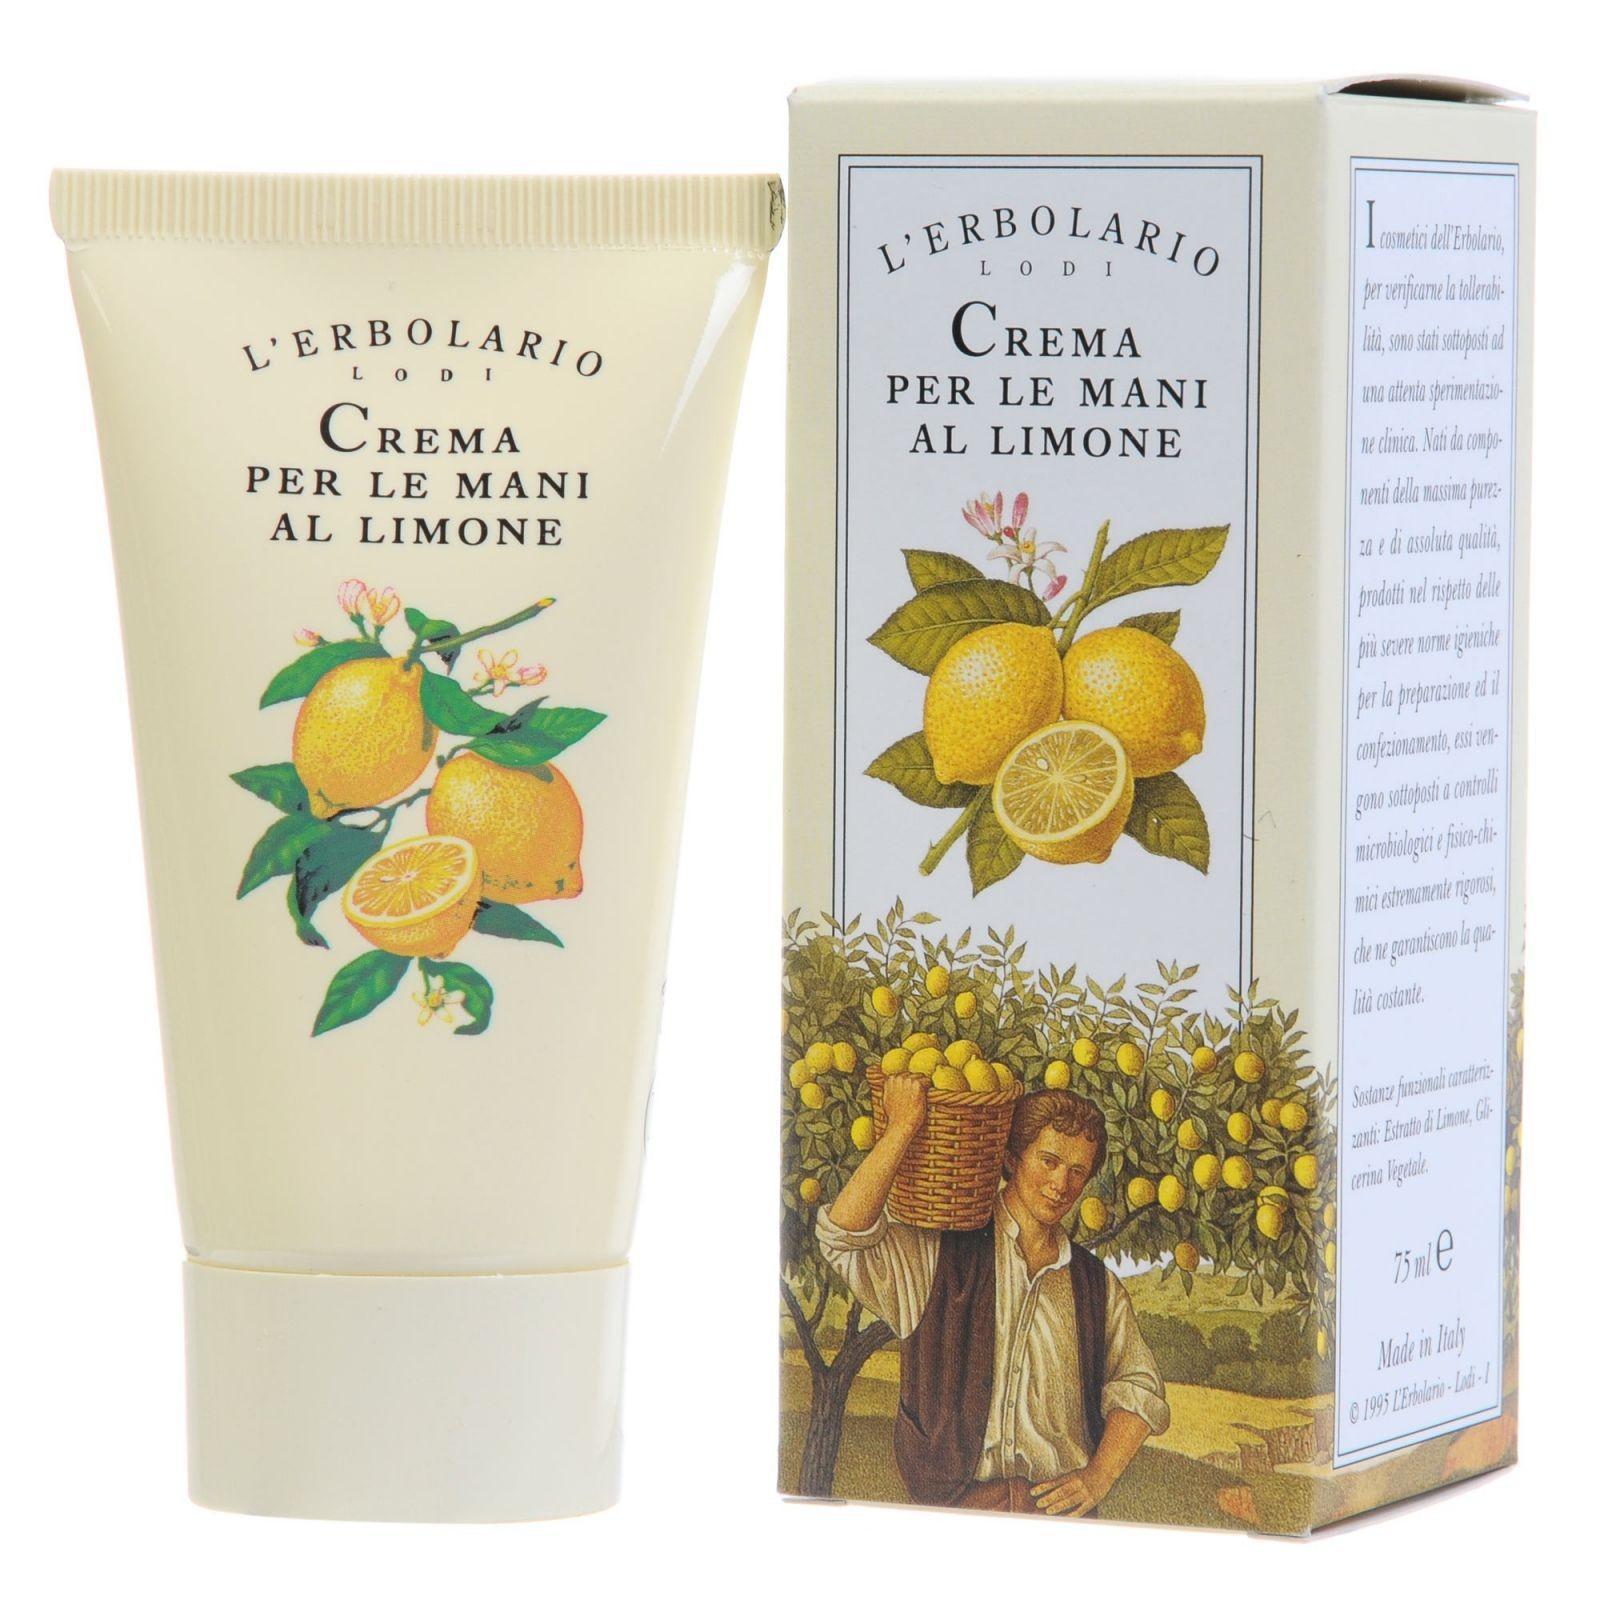 LERBOLARIO Крем для рук лимонный 75 млКремы<br>Прекрасный крем для сохранения красоты кожи рук. Он мгновенно впитывается, образует на коже невидимую пленку, которая защищает от агрессивных внешних воздействий: холода, ветра, воды, моющих средств. Благодаря этому крему кожа рук быстро становится более гладкой, мягкой и молодой. Активные ингредиенты: экстракт лимона, растительный глицерин. Способ применения: небольшое количество крема наносите на кожу рук несколько раз в день. Рекомендуется применять крем каждый раз перед началом домашней работы и после мытья рук.<br>